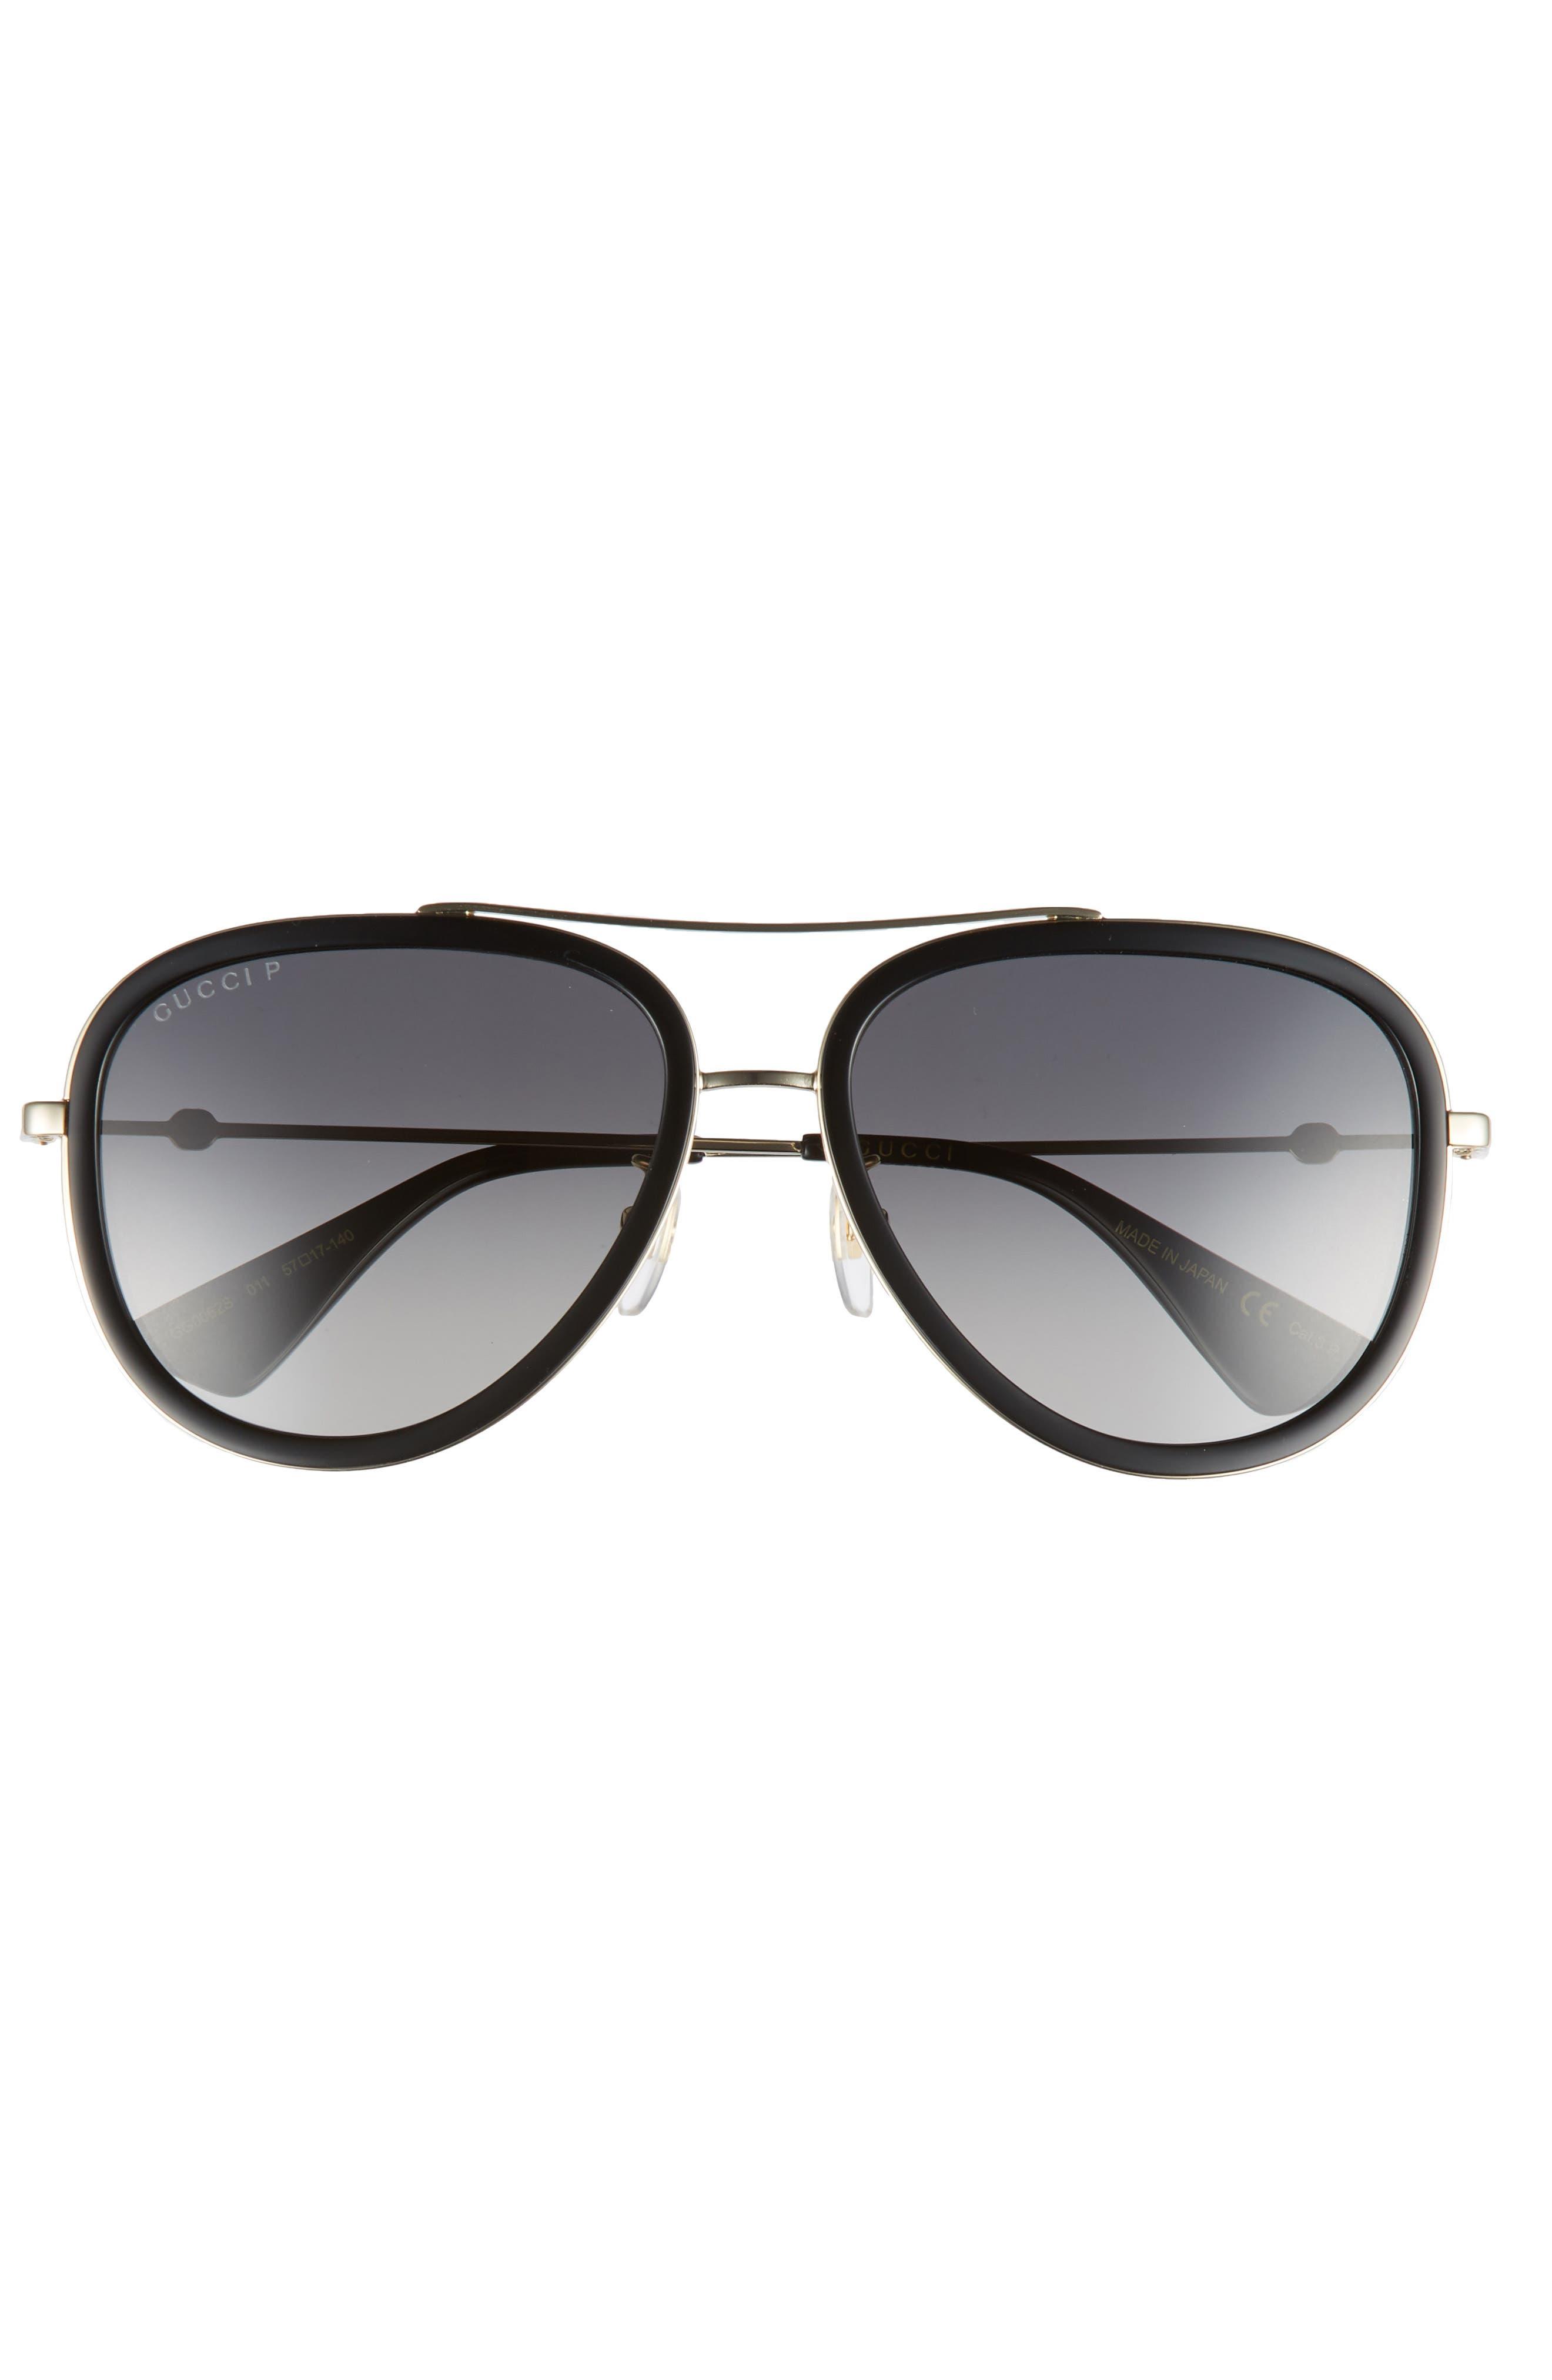 Web Block Pilot 57mm Polarized Aviator Sunglasses,                             Alternate thumbnail 2, color,                             Gold/ Black